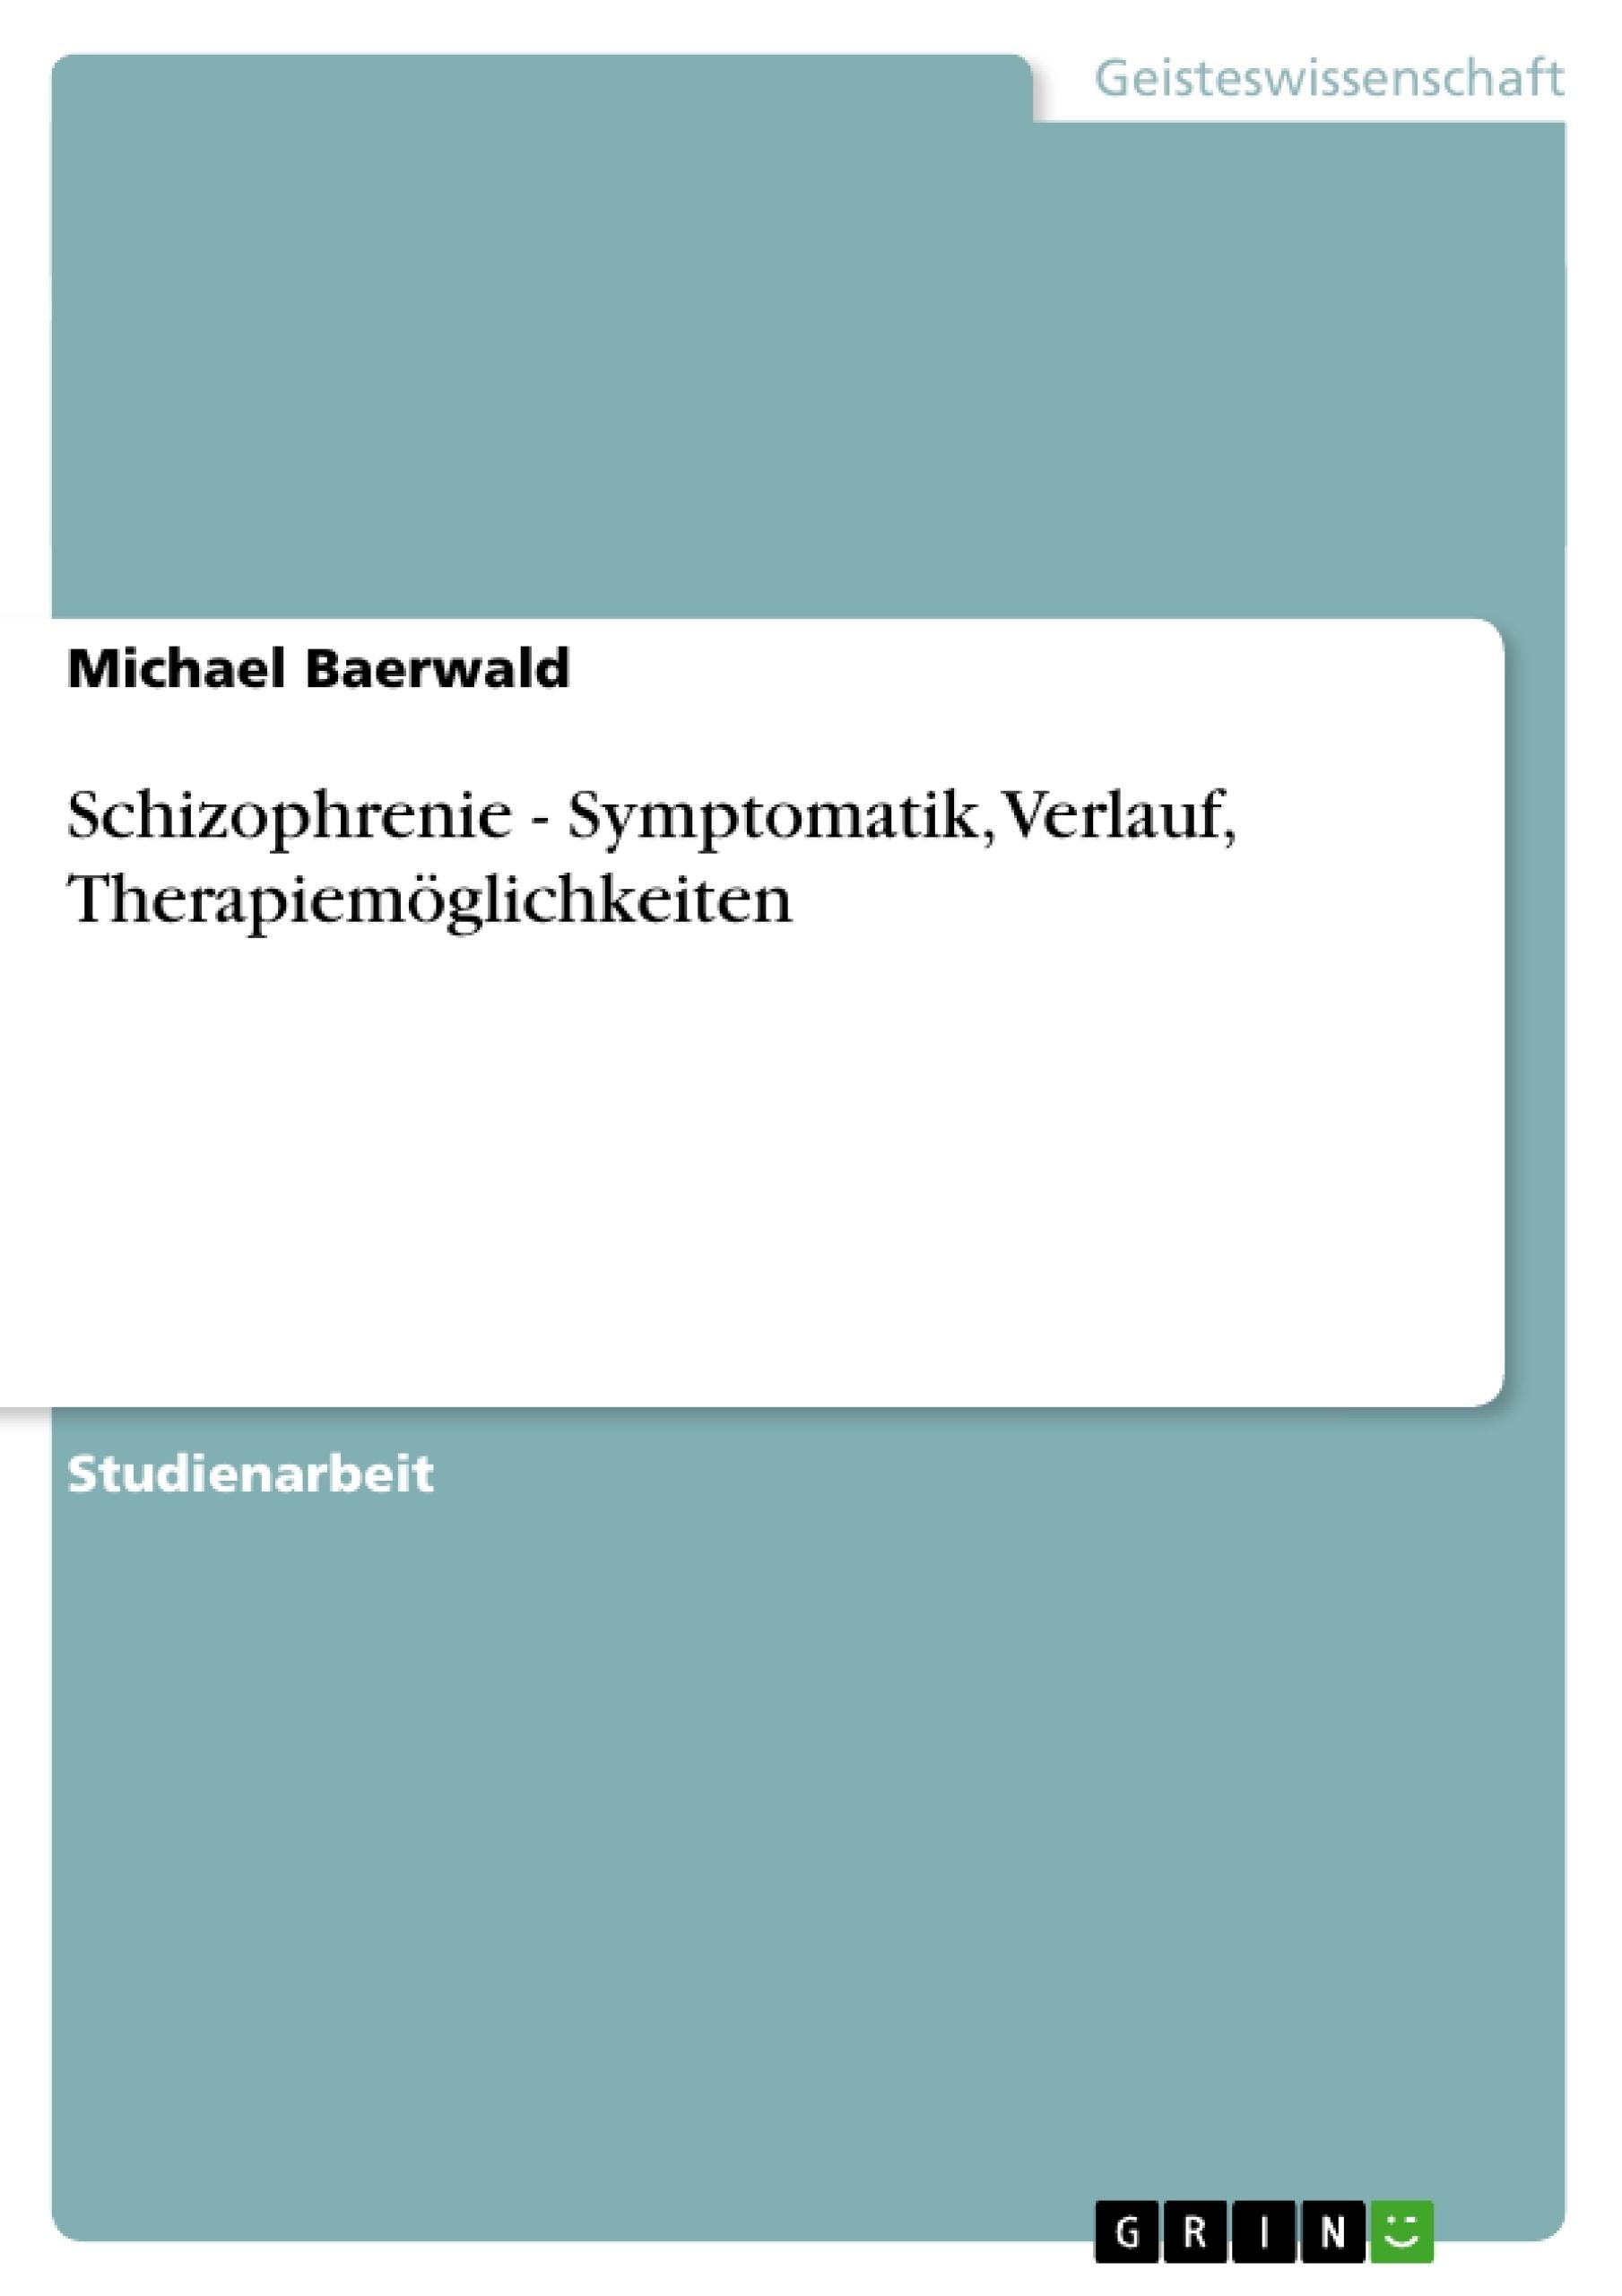 Titel: Schizophrenie - Symptomatik, Verlauf, Therapiemöglichkeiten